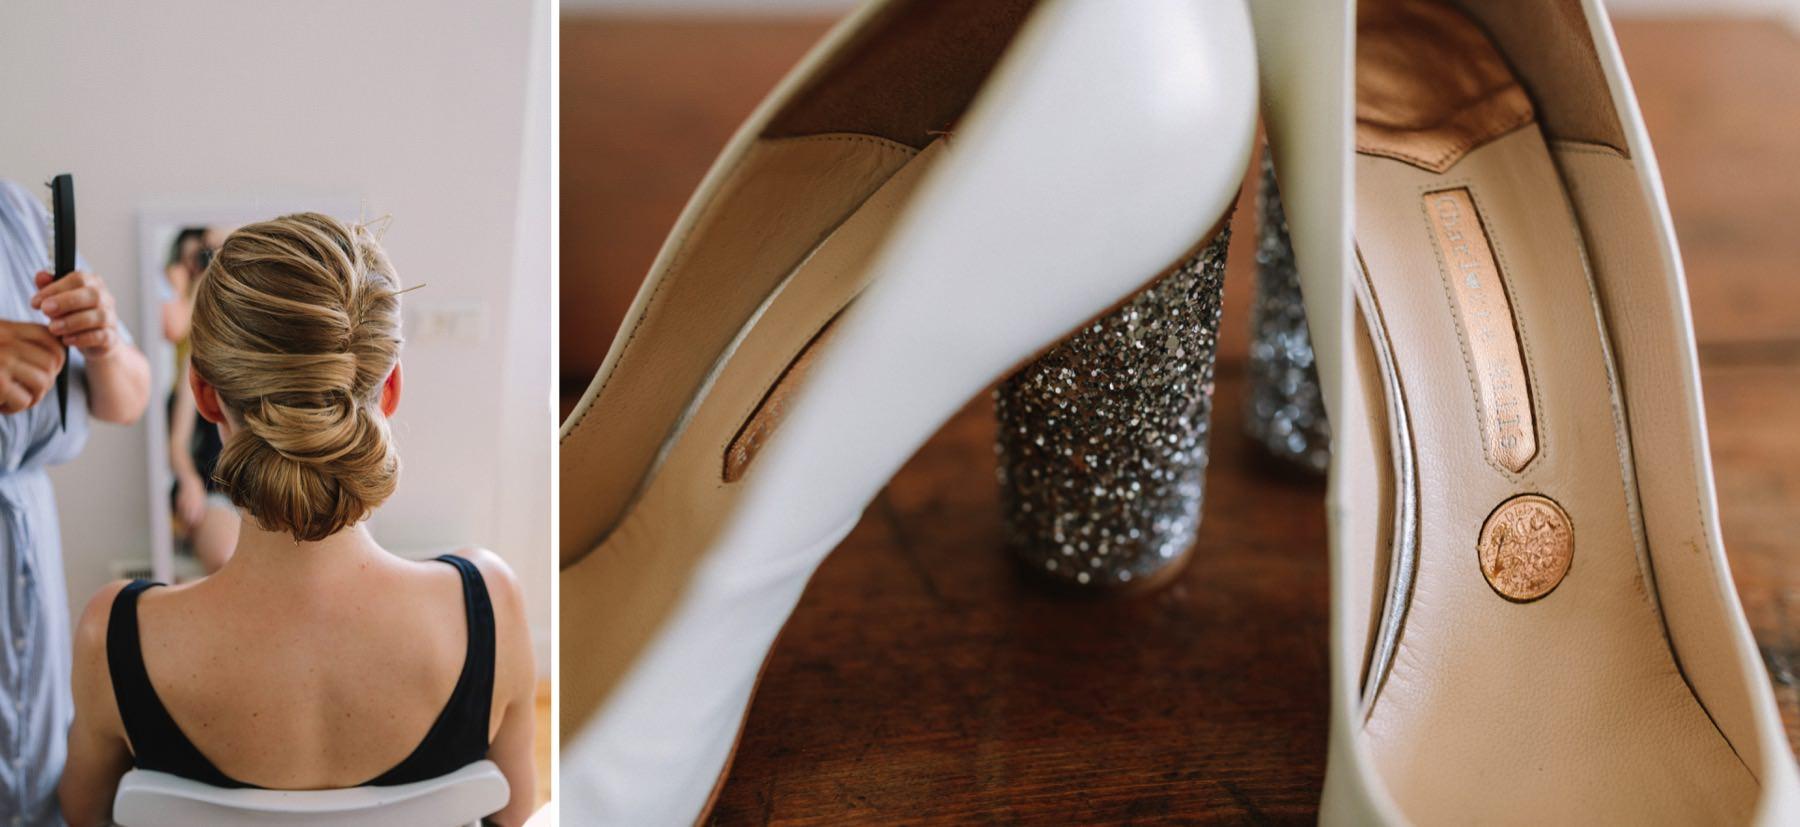 penny in a shoe